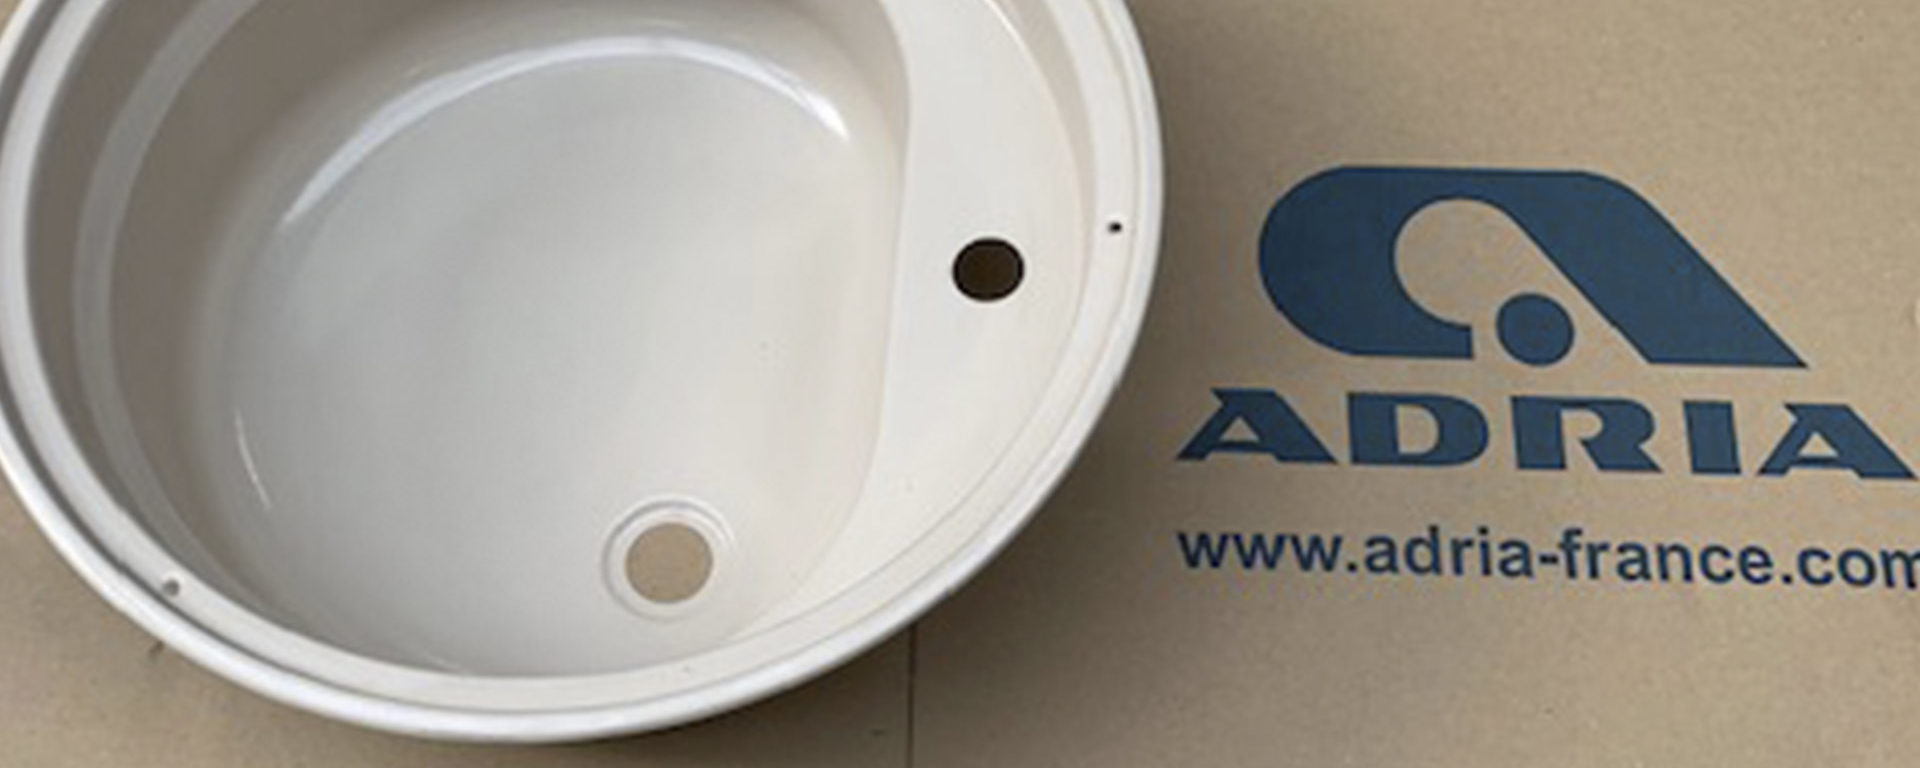 Adria Vintage Image 1